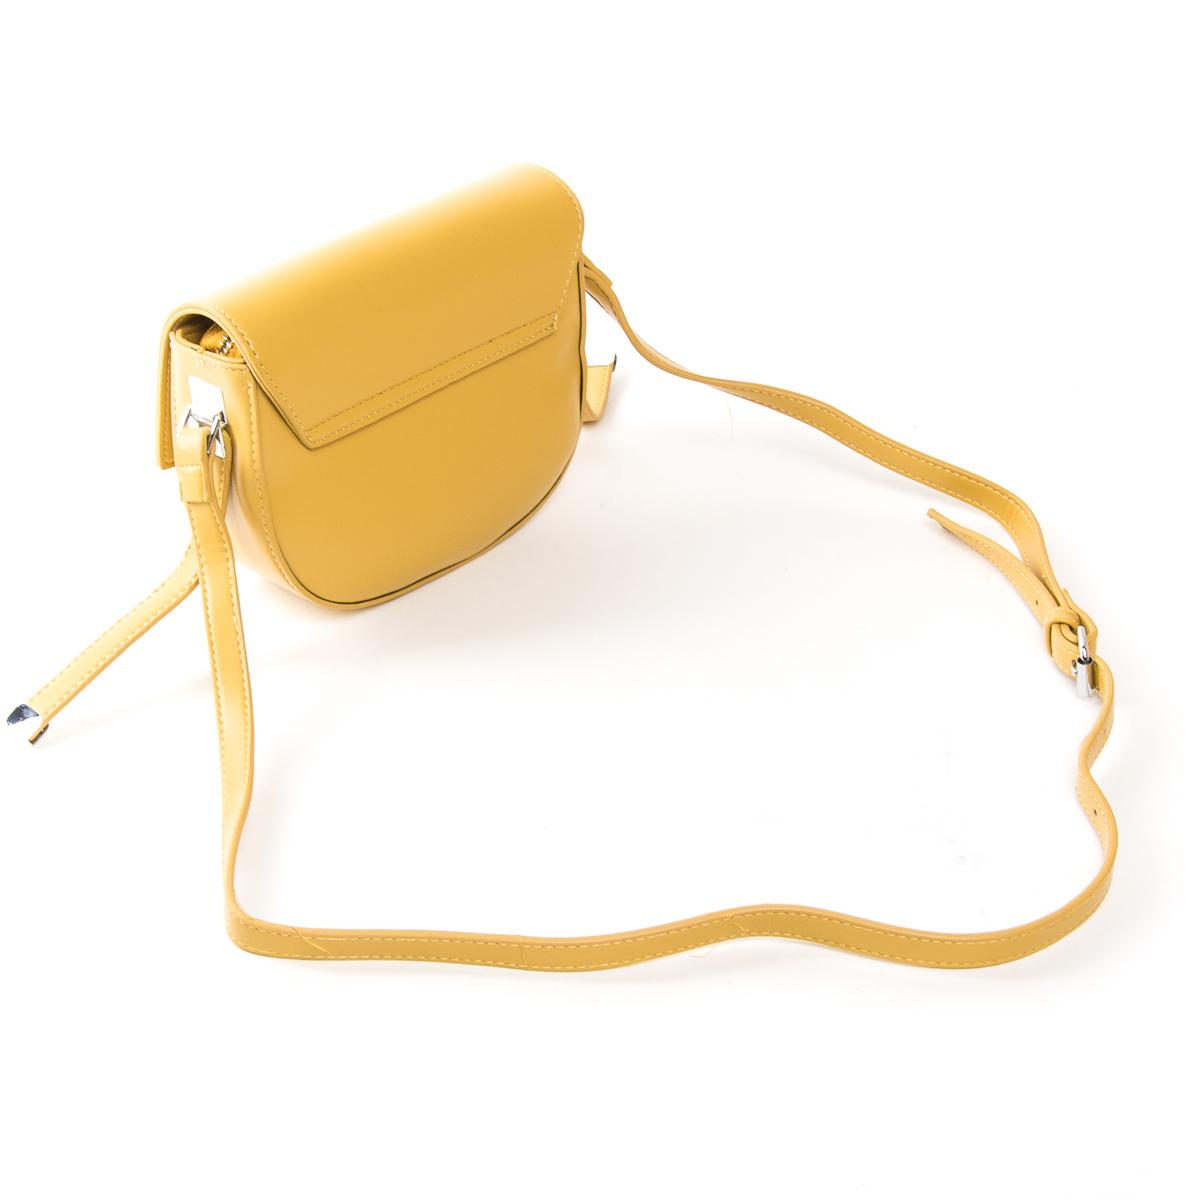 Сумка Женская Классическая иск-кожа FASHION 01-01 F3150 yellow - фото 4